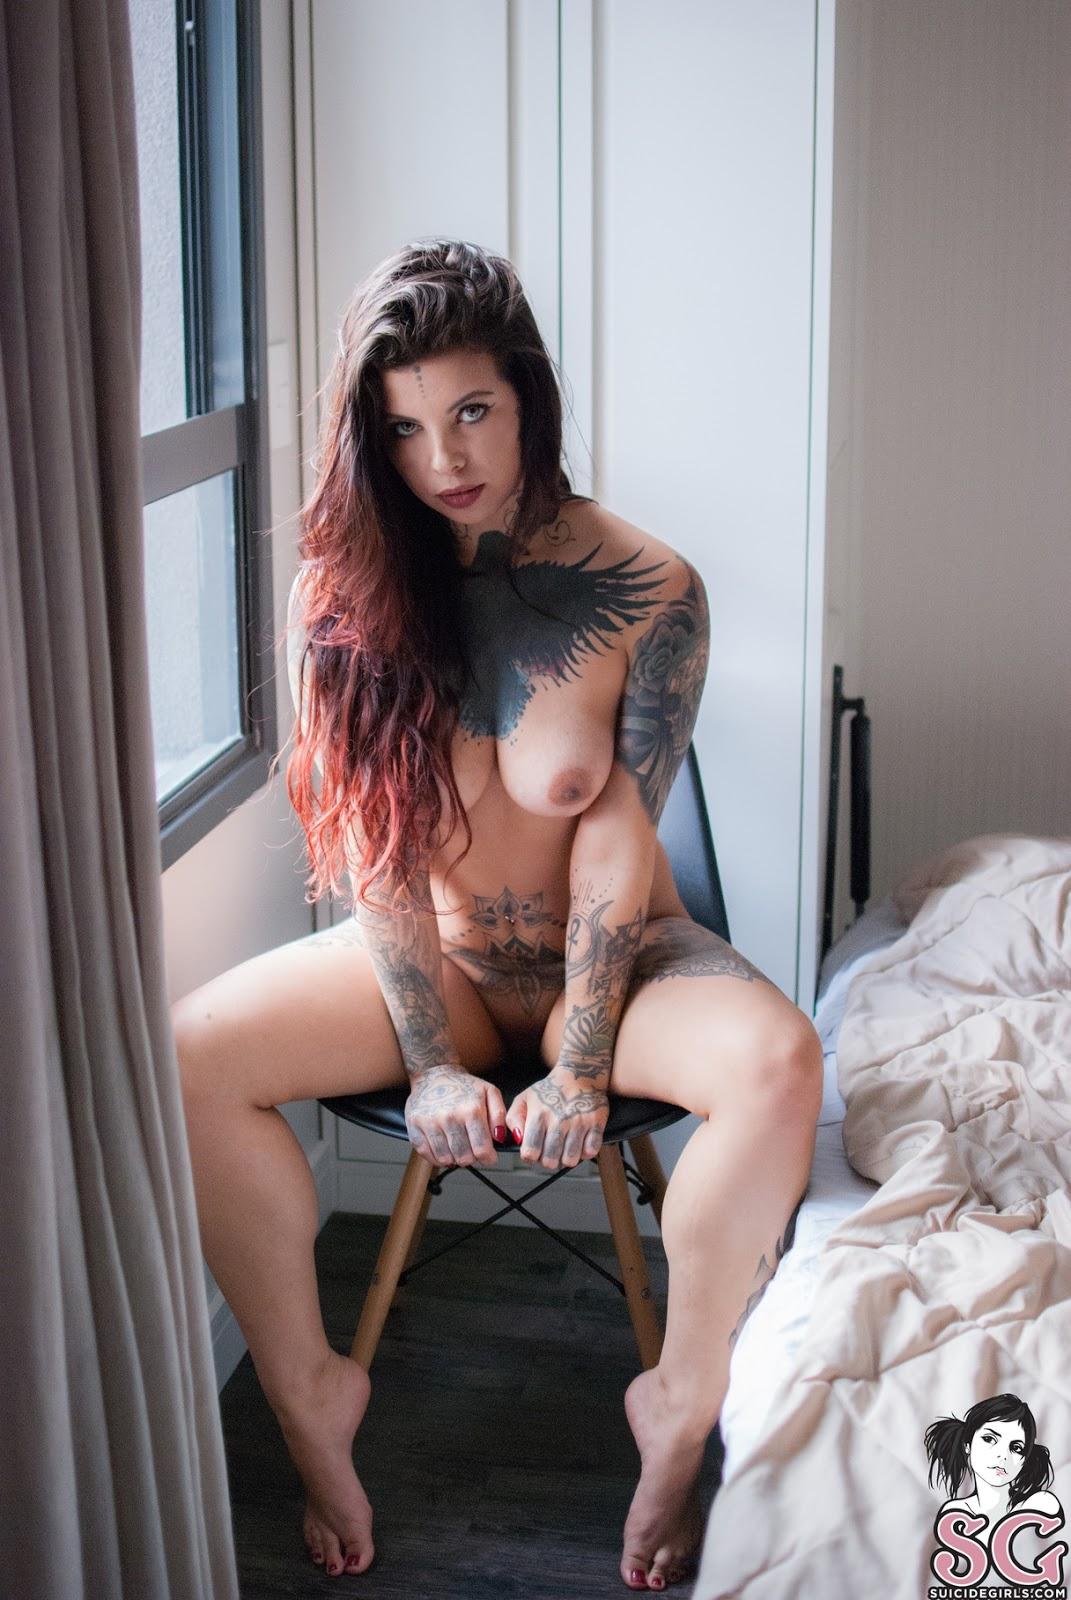 Marjo suicide nude